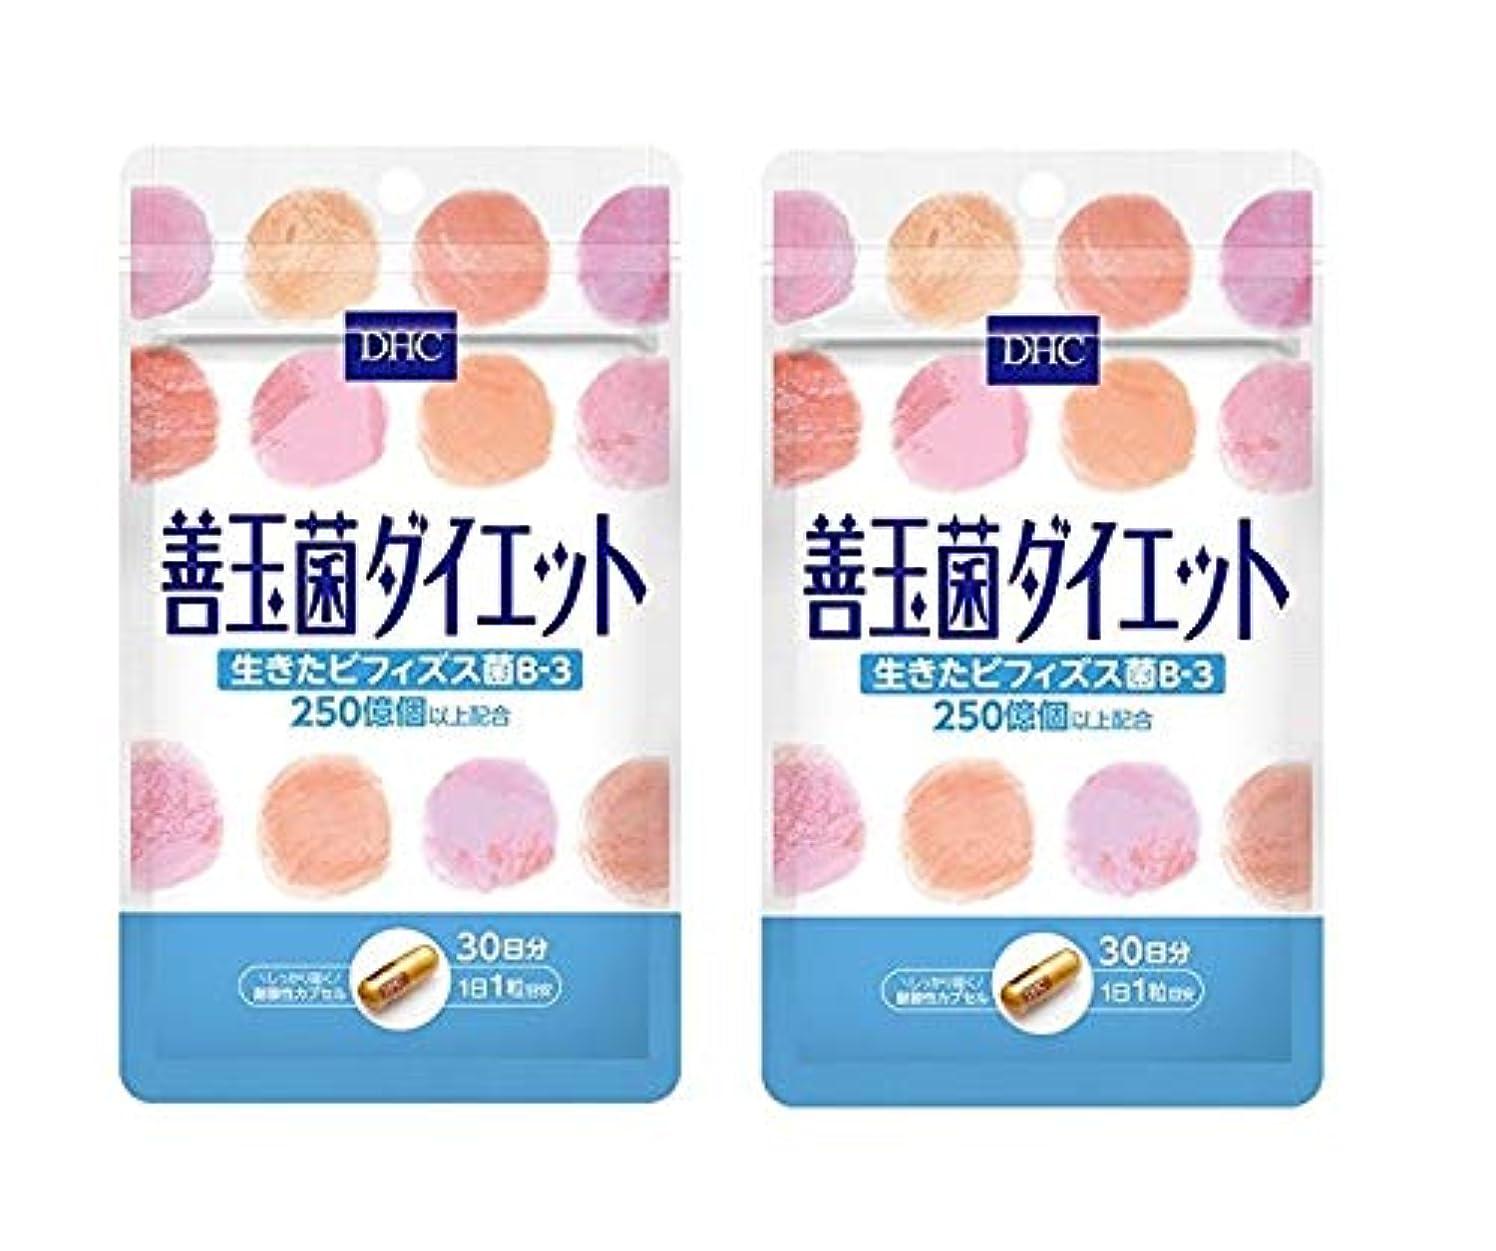 善玉菌ダイエット 30日分 2個セット